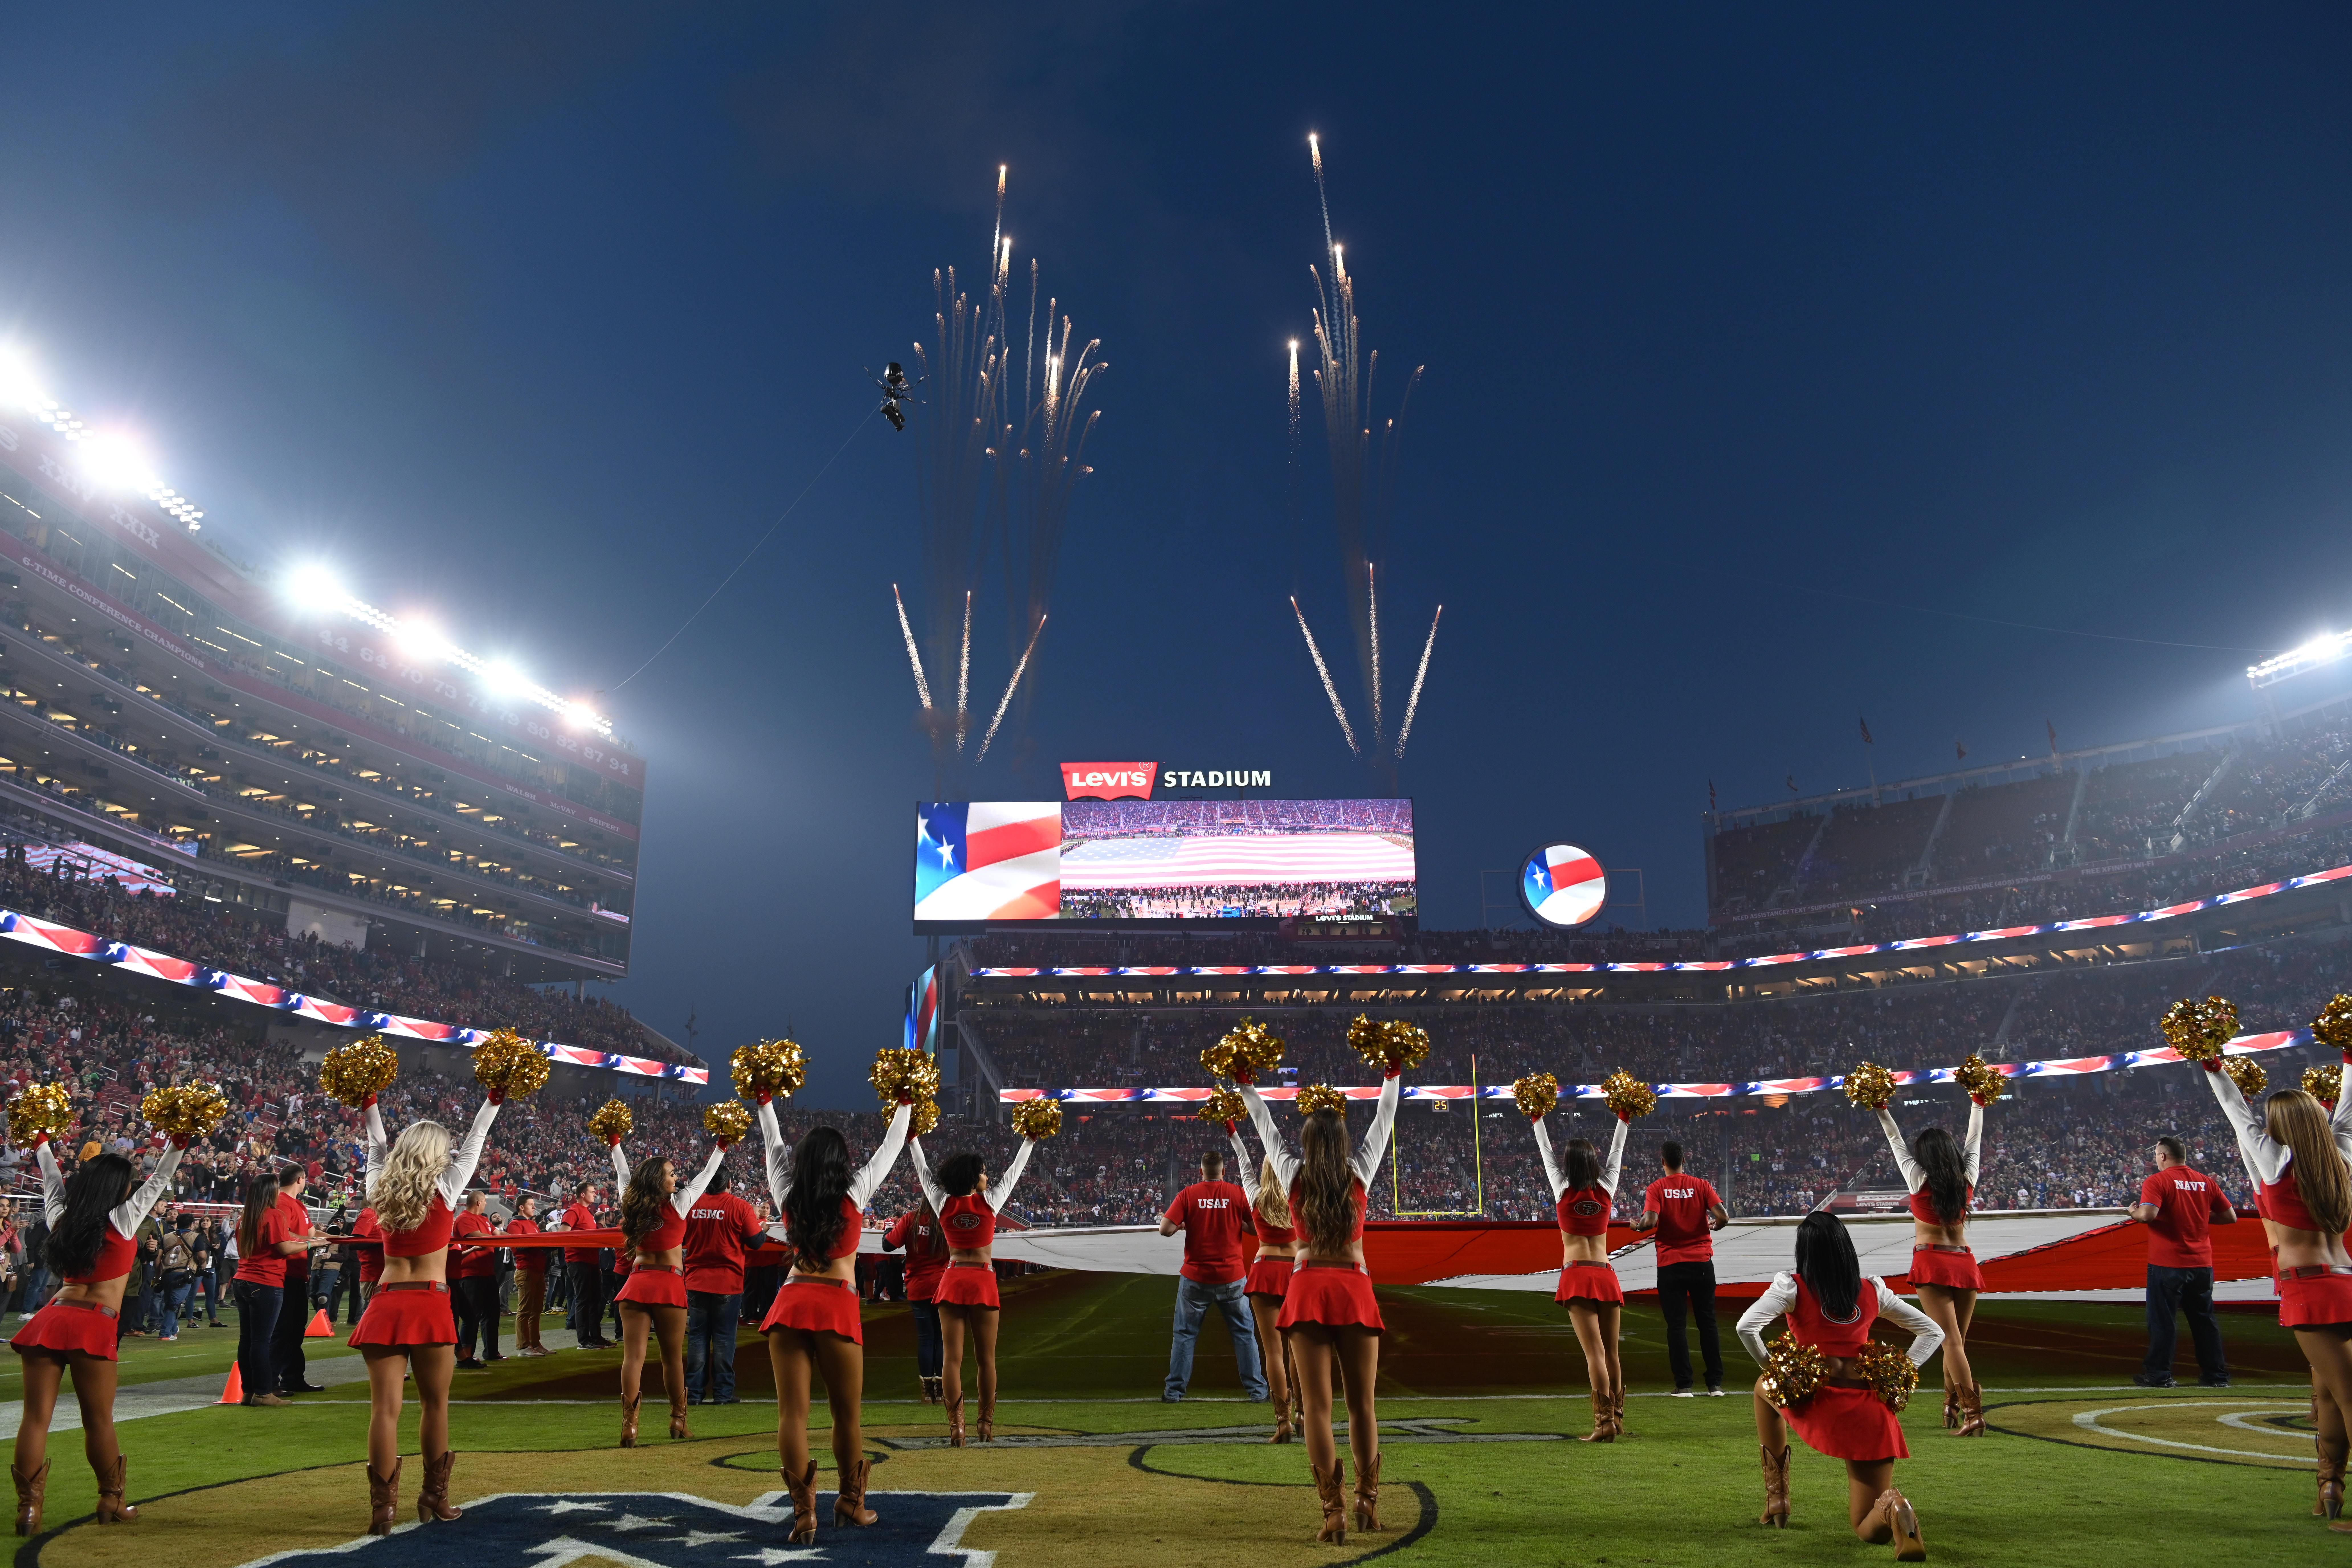 NFL: NOV 12 Giants at 49ers